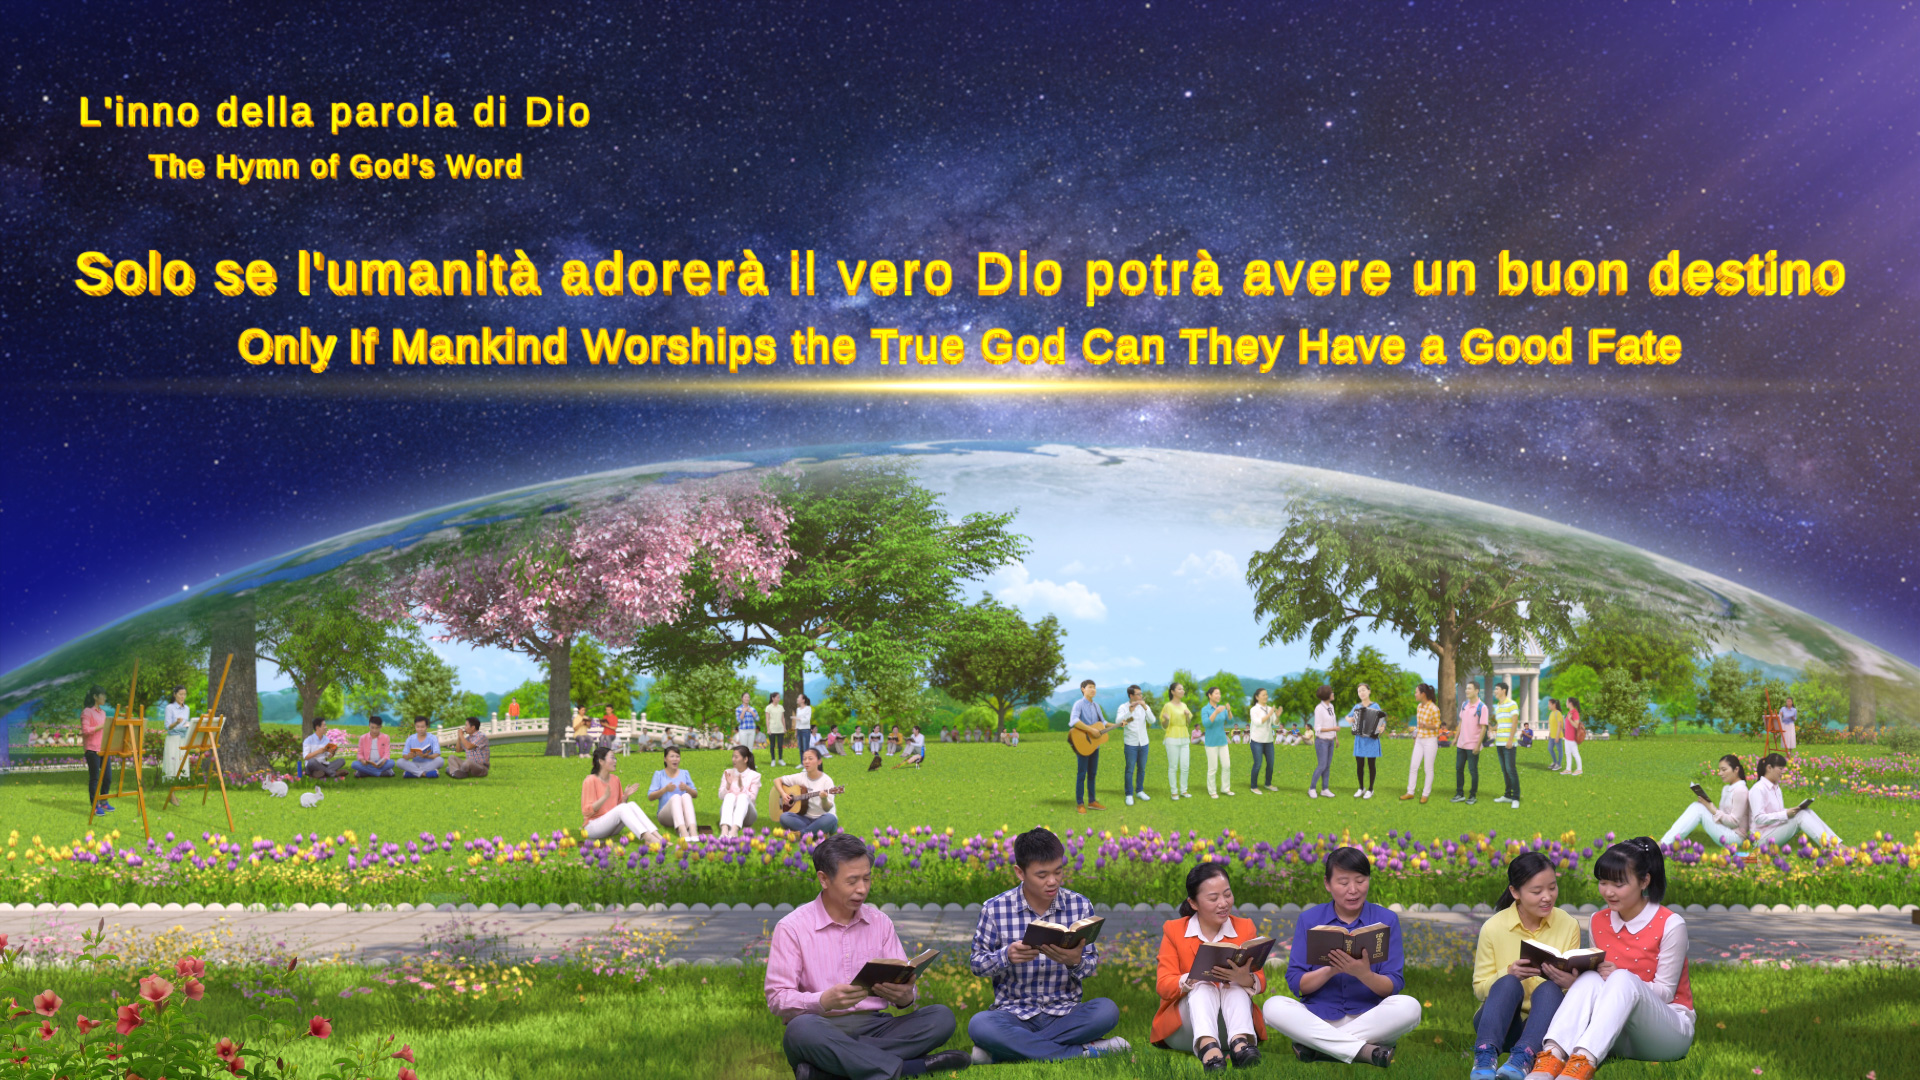 Solo se l'umanità adorerà il vero Dio potrà avere un buon destino